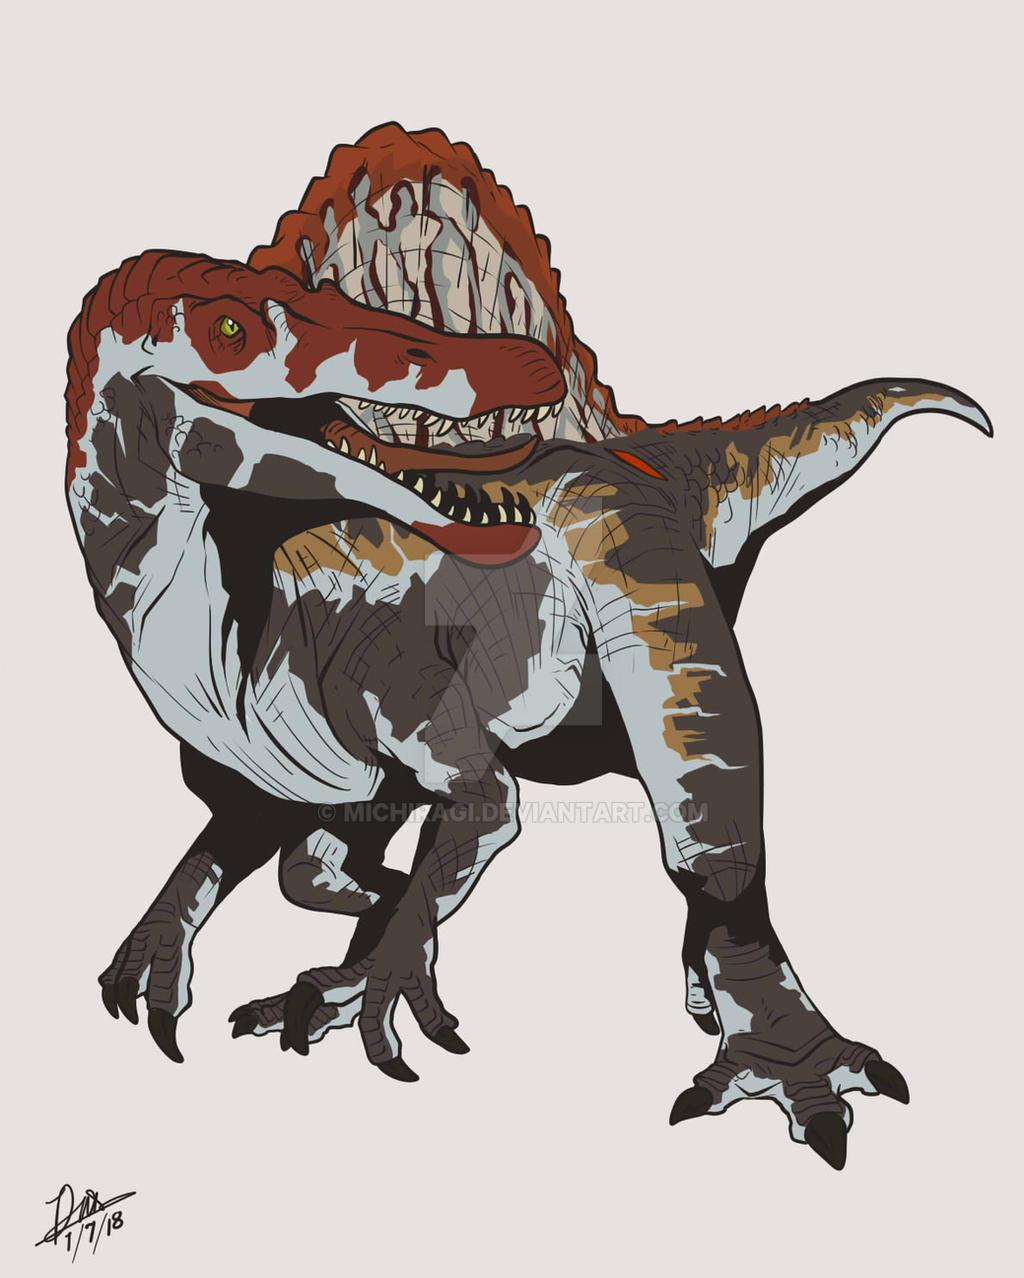 Spinosaurus jurassic park 3 jurassic world by michiragi on deviantart - Spinosaurus jurassic park ...